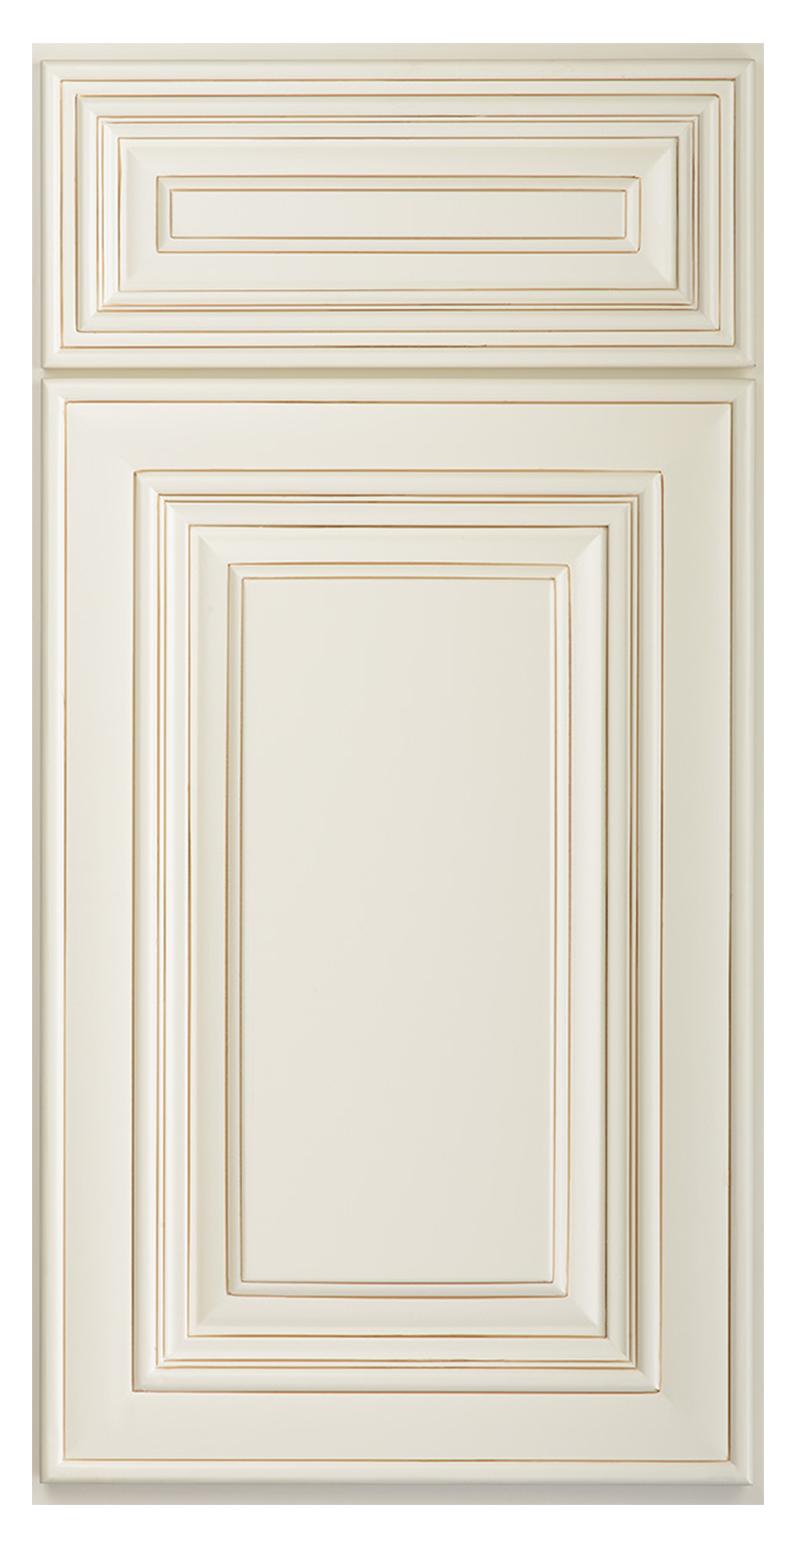 Raised Panel Door Off White Glazed